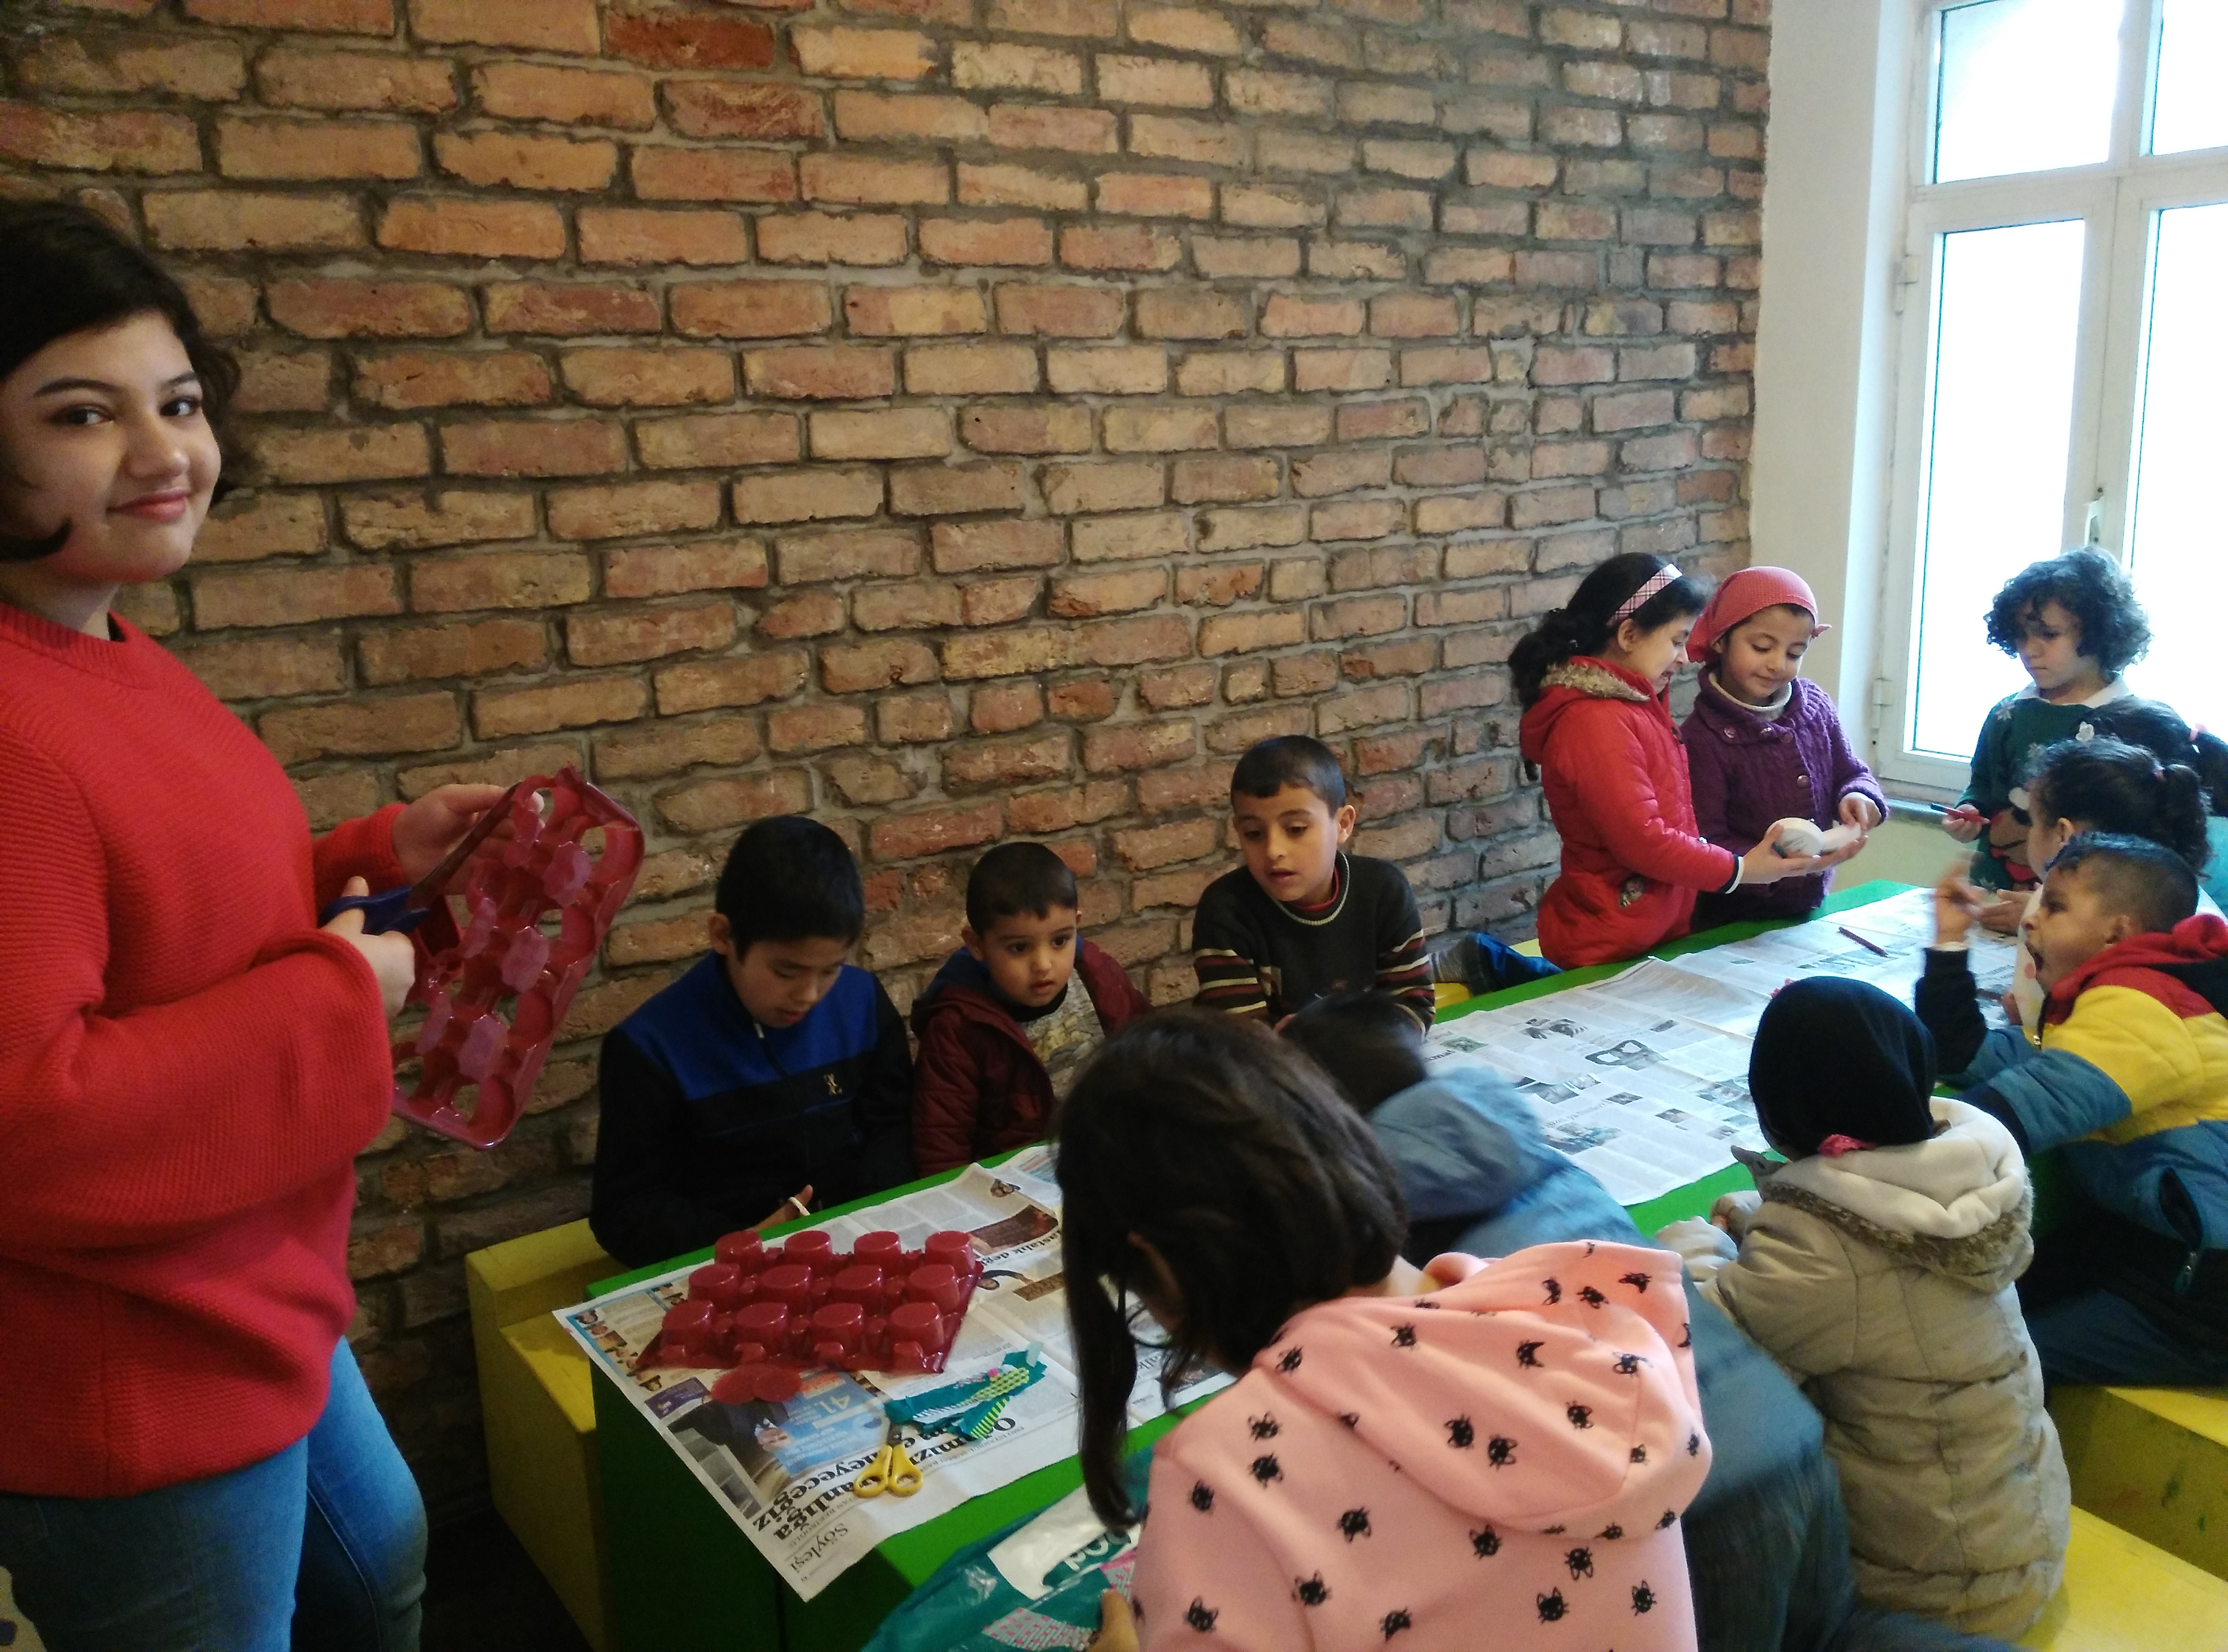 Amal with Syrian refugee children in Turkey